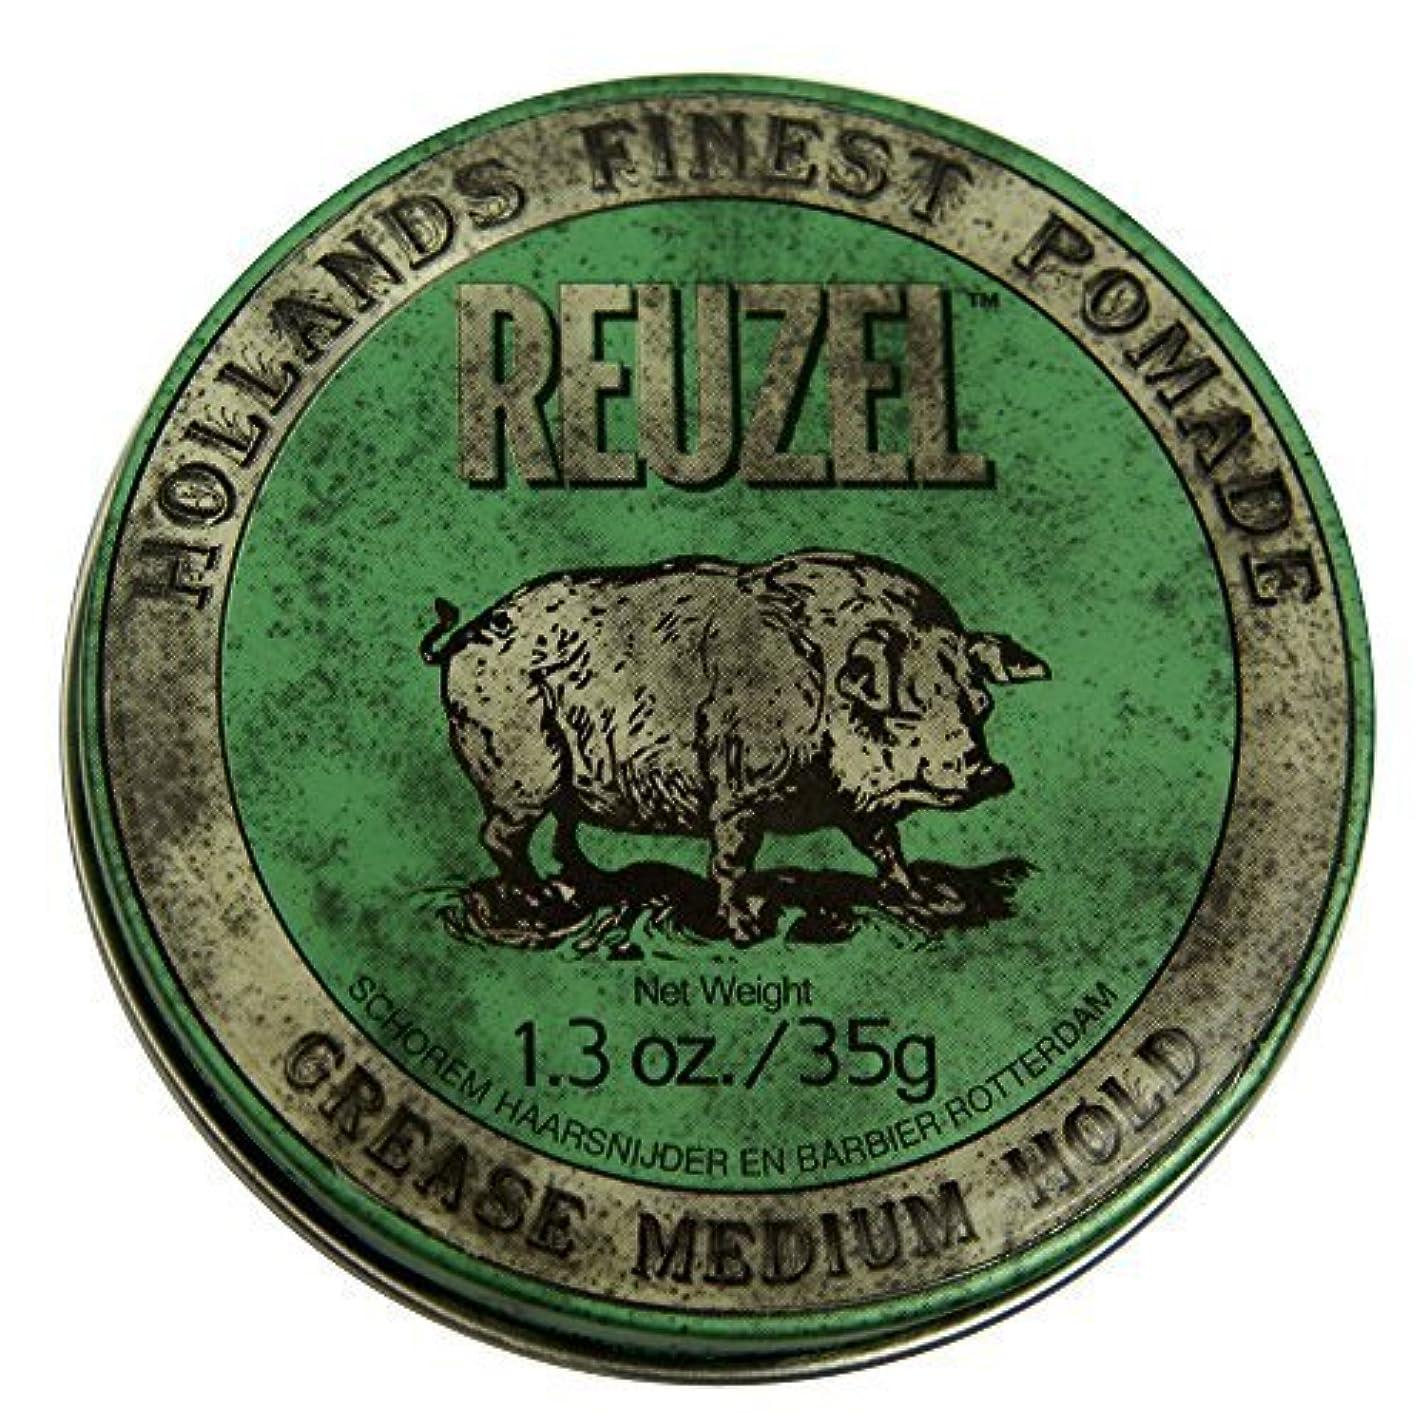 放つ意図的突然のby Reuzel Reuzel Green Grease Medium Hold Hair Styling Pomade Piglet 1.3oz (35g) Wax/Gel [並行輸入品]